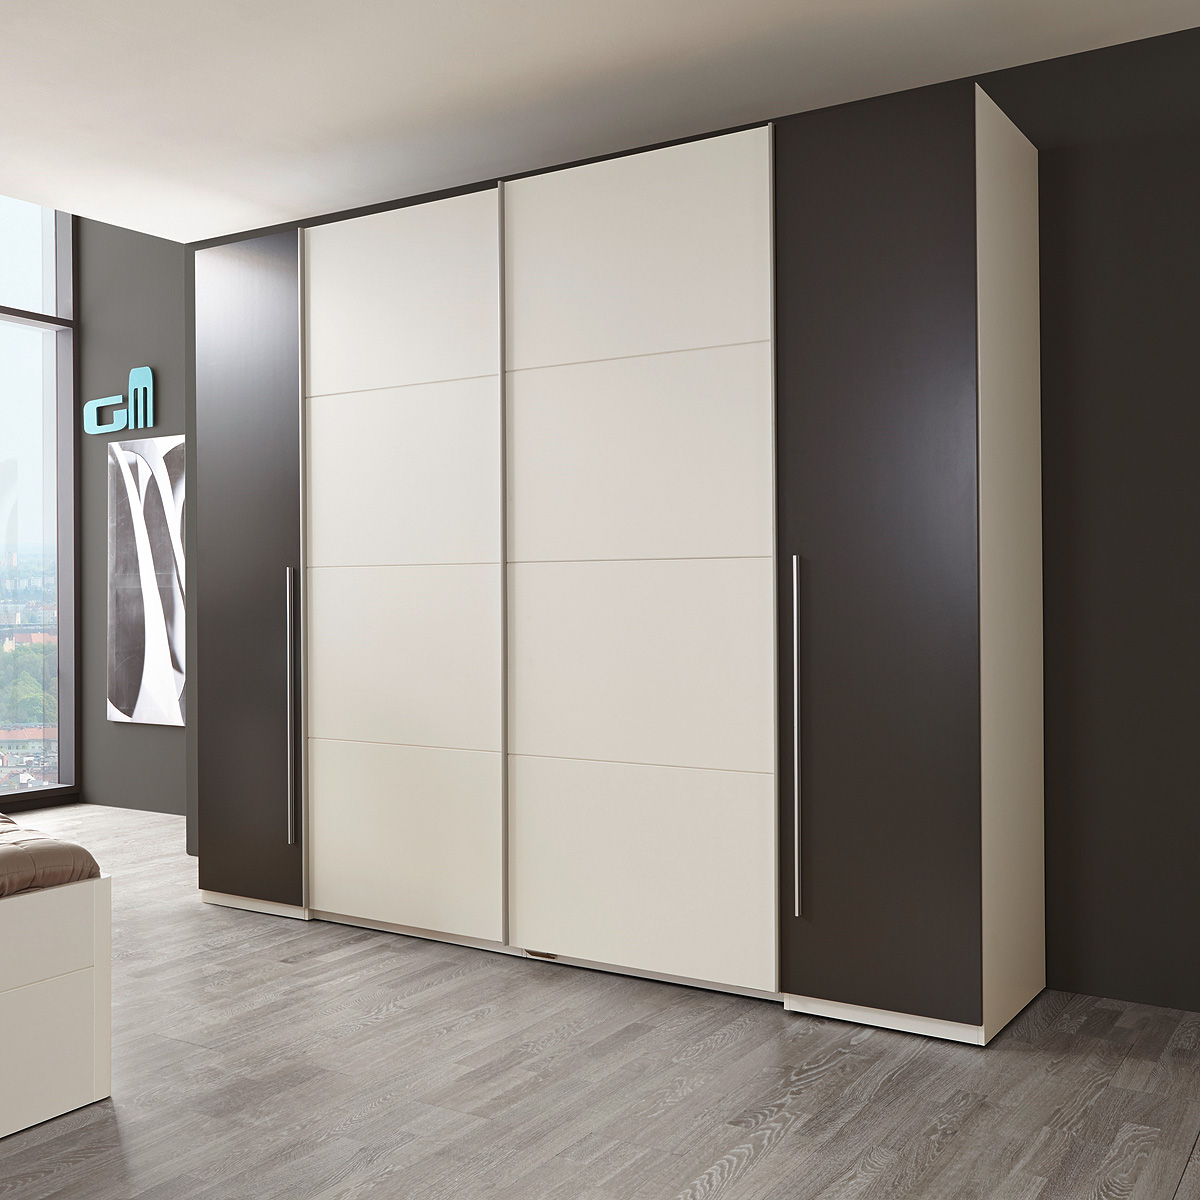 Schlafzimmerschrank 270 Cm | Dekoration Ideen